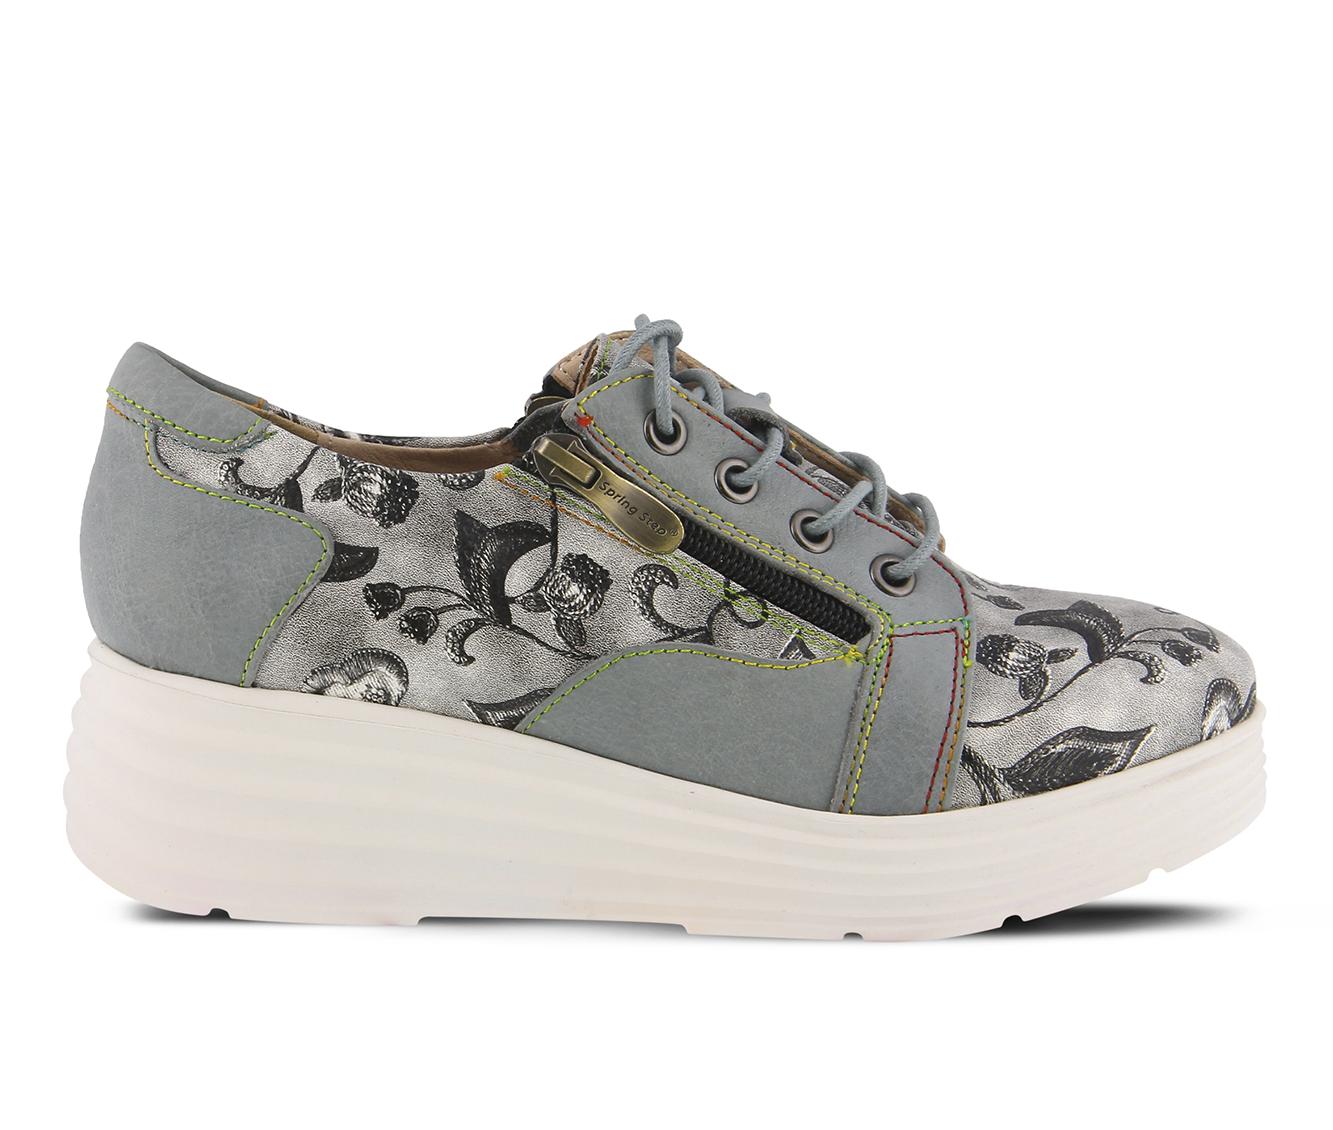 L'Artiste Daneen Women's Shoe (Gray Leather)